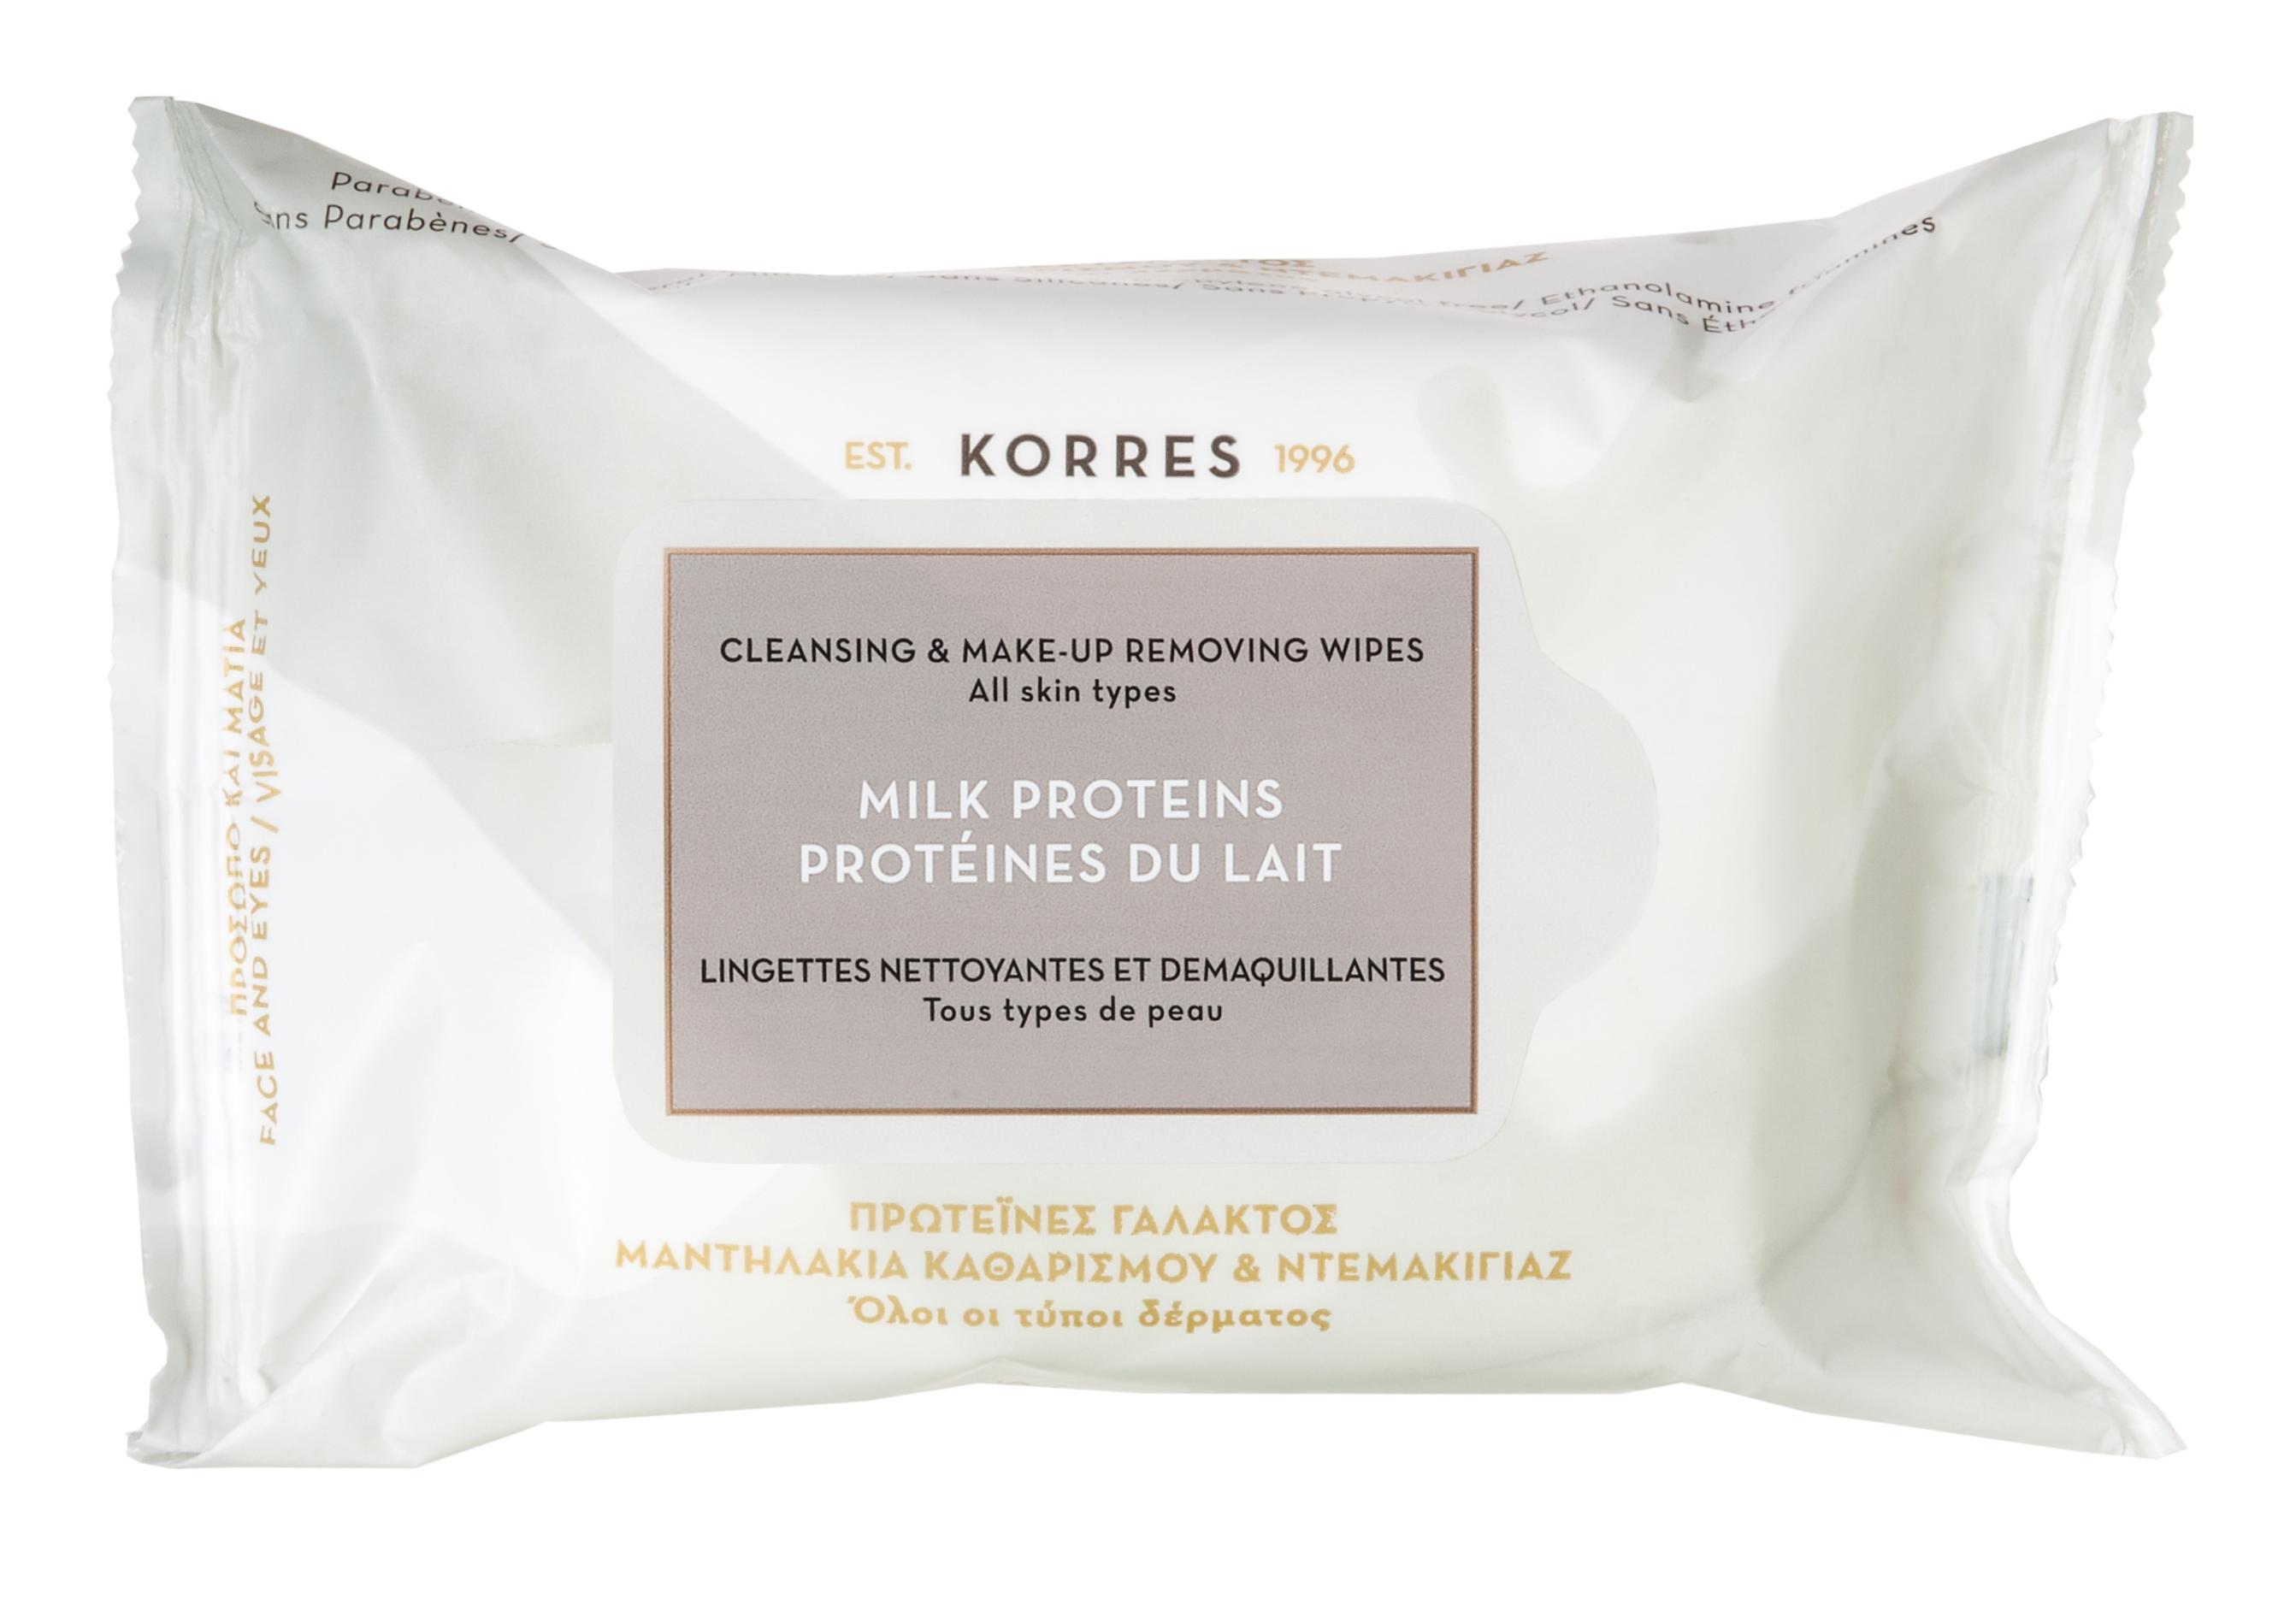 KORRES Салфетки очищающие для снятия макияжа для всех типов кожи, молочные протеины 25 шт -  Салфетки